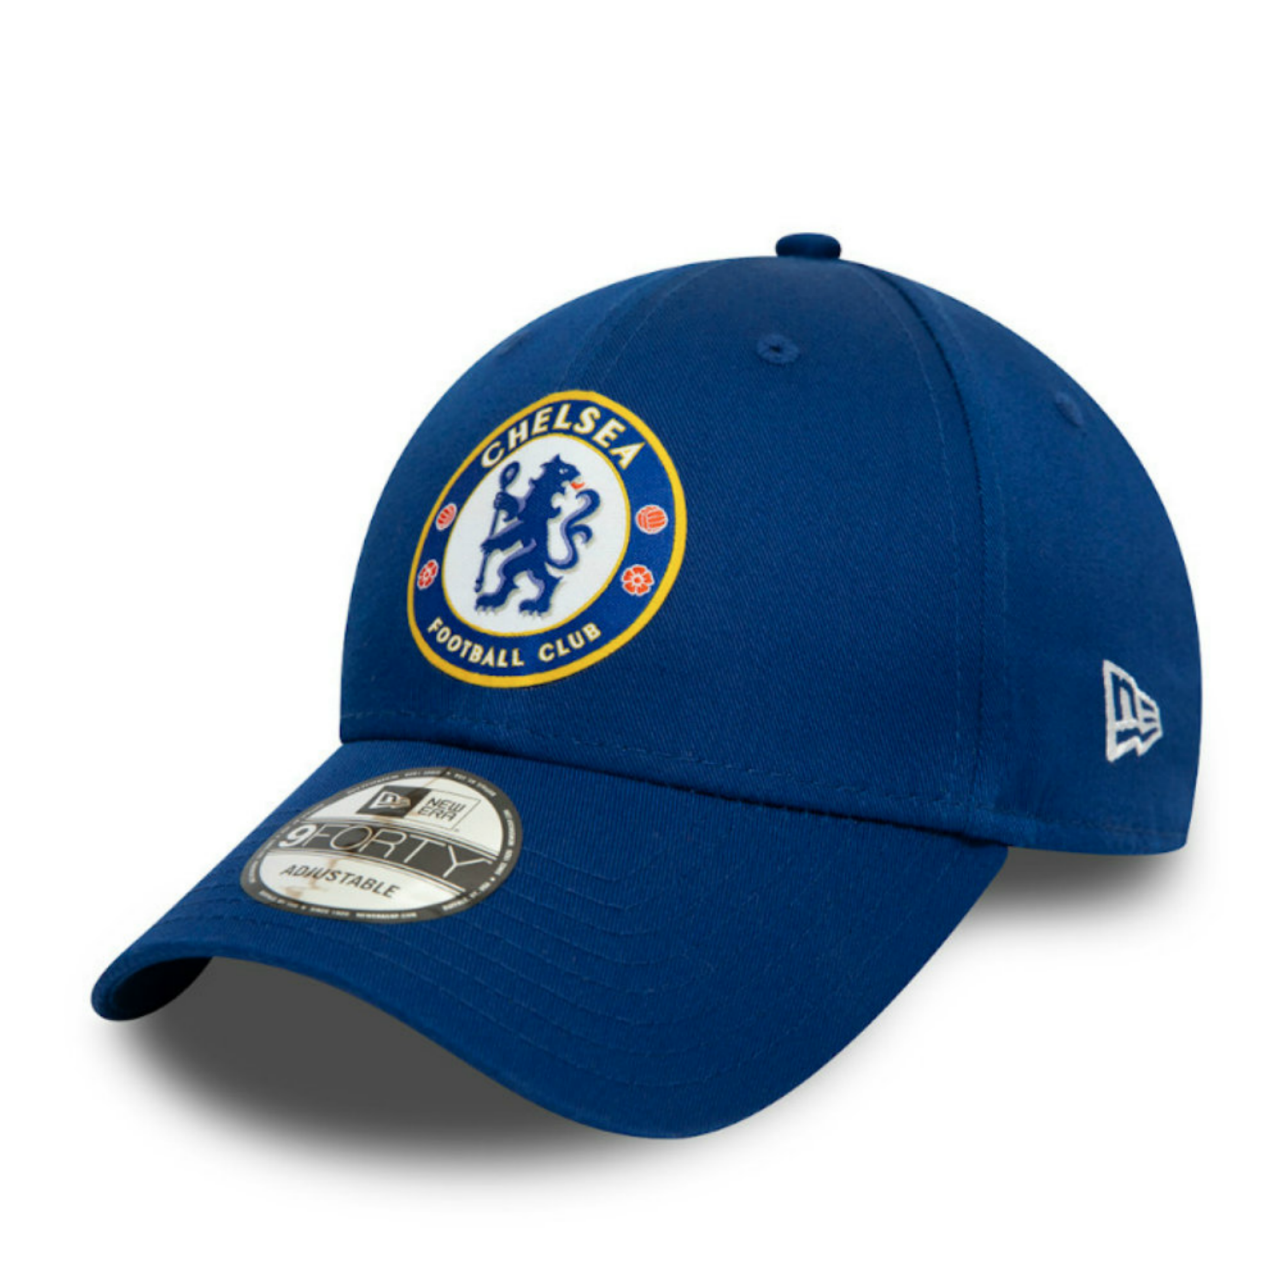 9FORTY CHELSEA FC LION CREST BLUE CAP